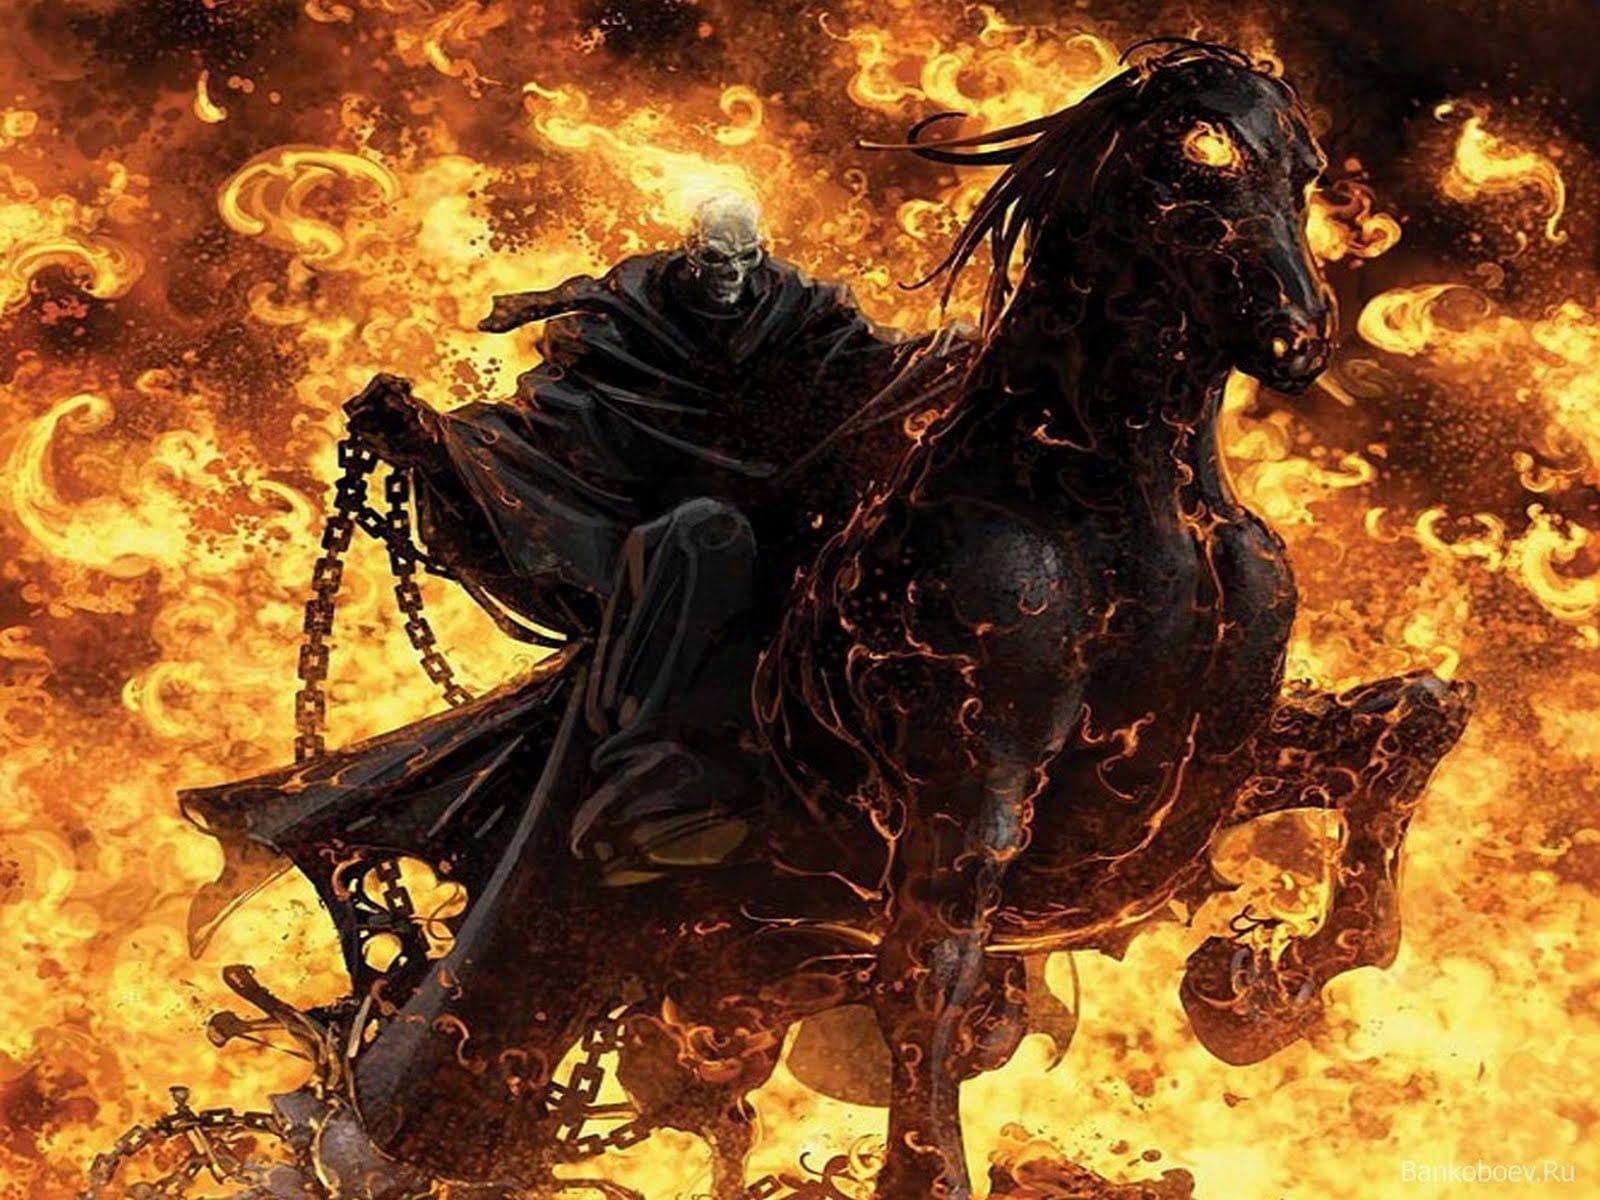 Ghost Rider Spirit Of Vengeance Skeleton Riding Black Horse